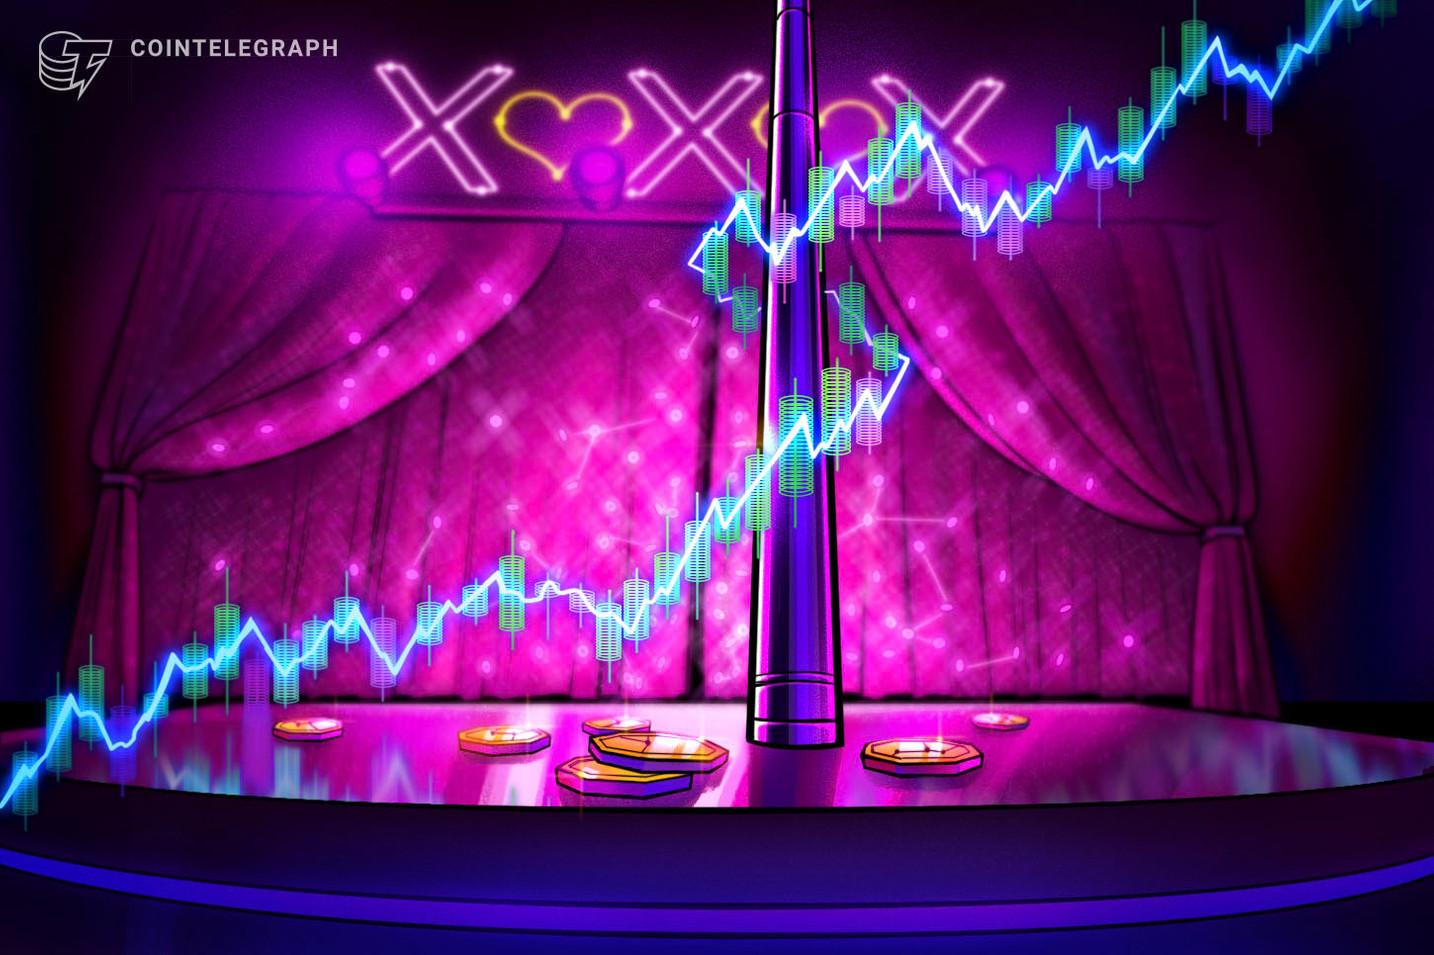 Pagamenti in un lampo: strip club di Las Vegas ora accetta Lightning